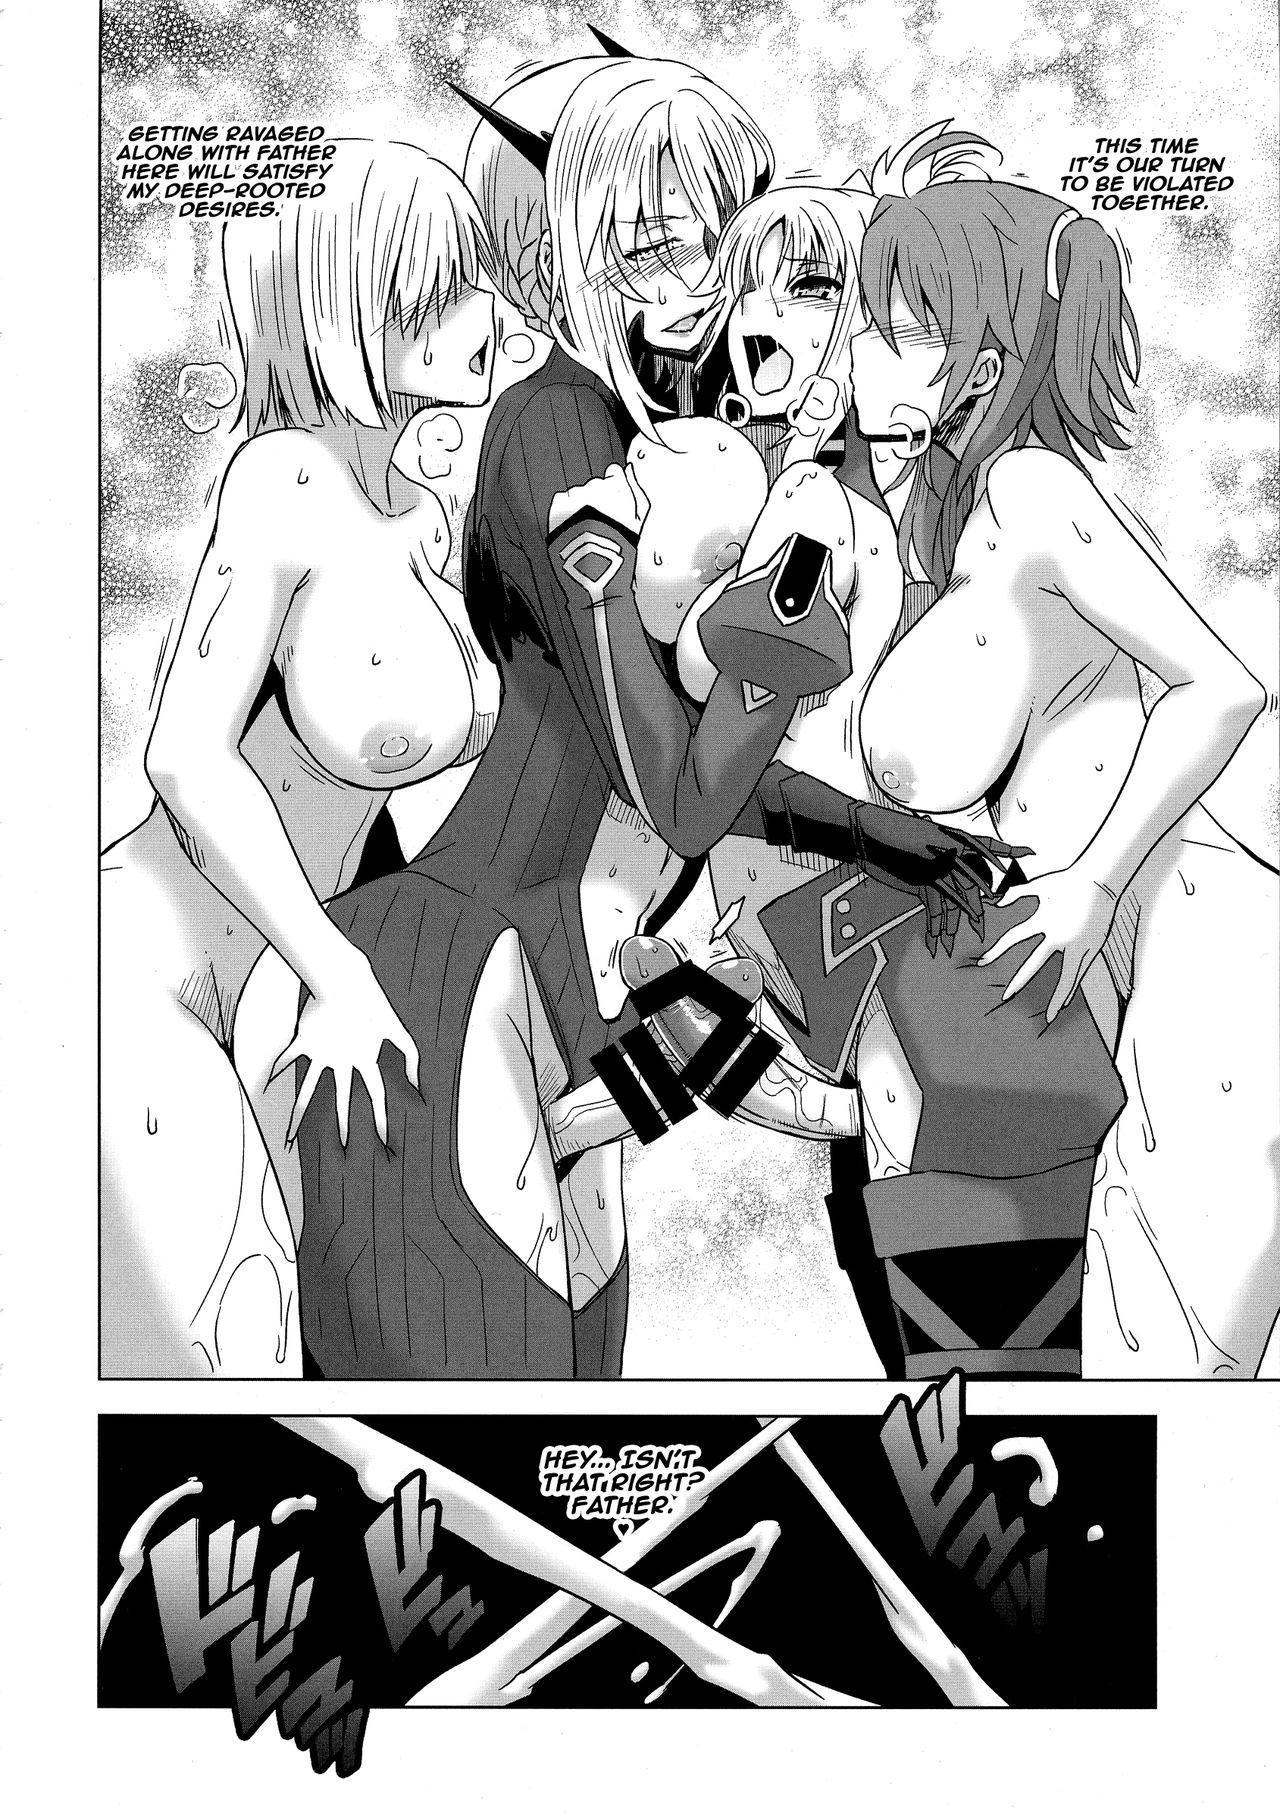 HGUC# 09 Waga Uruwashiki Chichi e no ××× 23